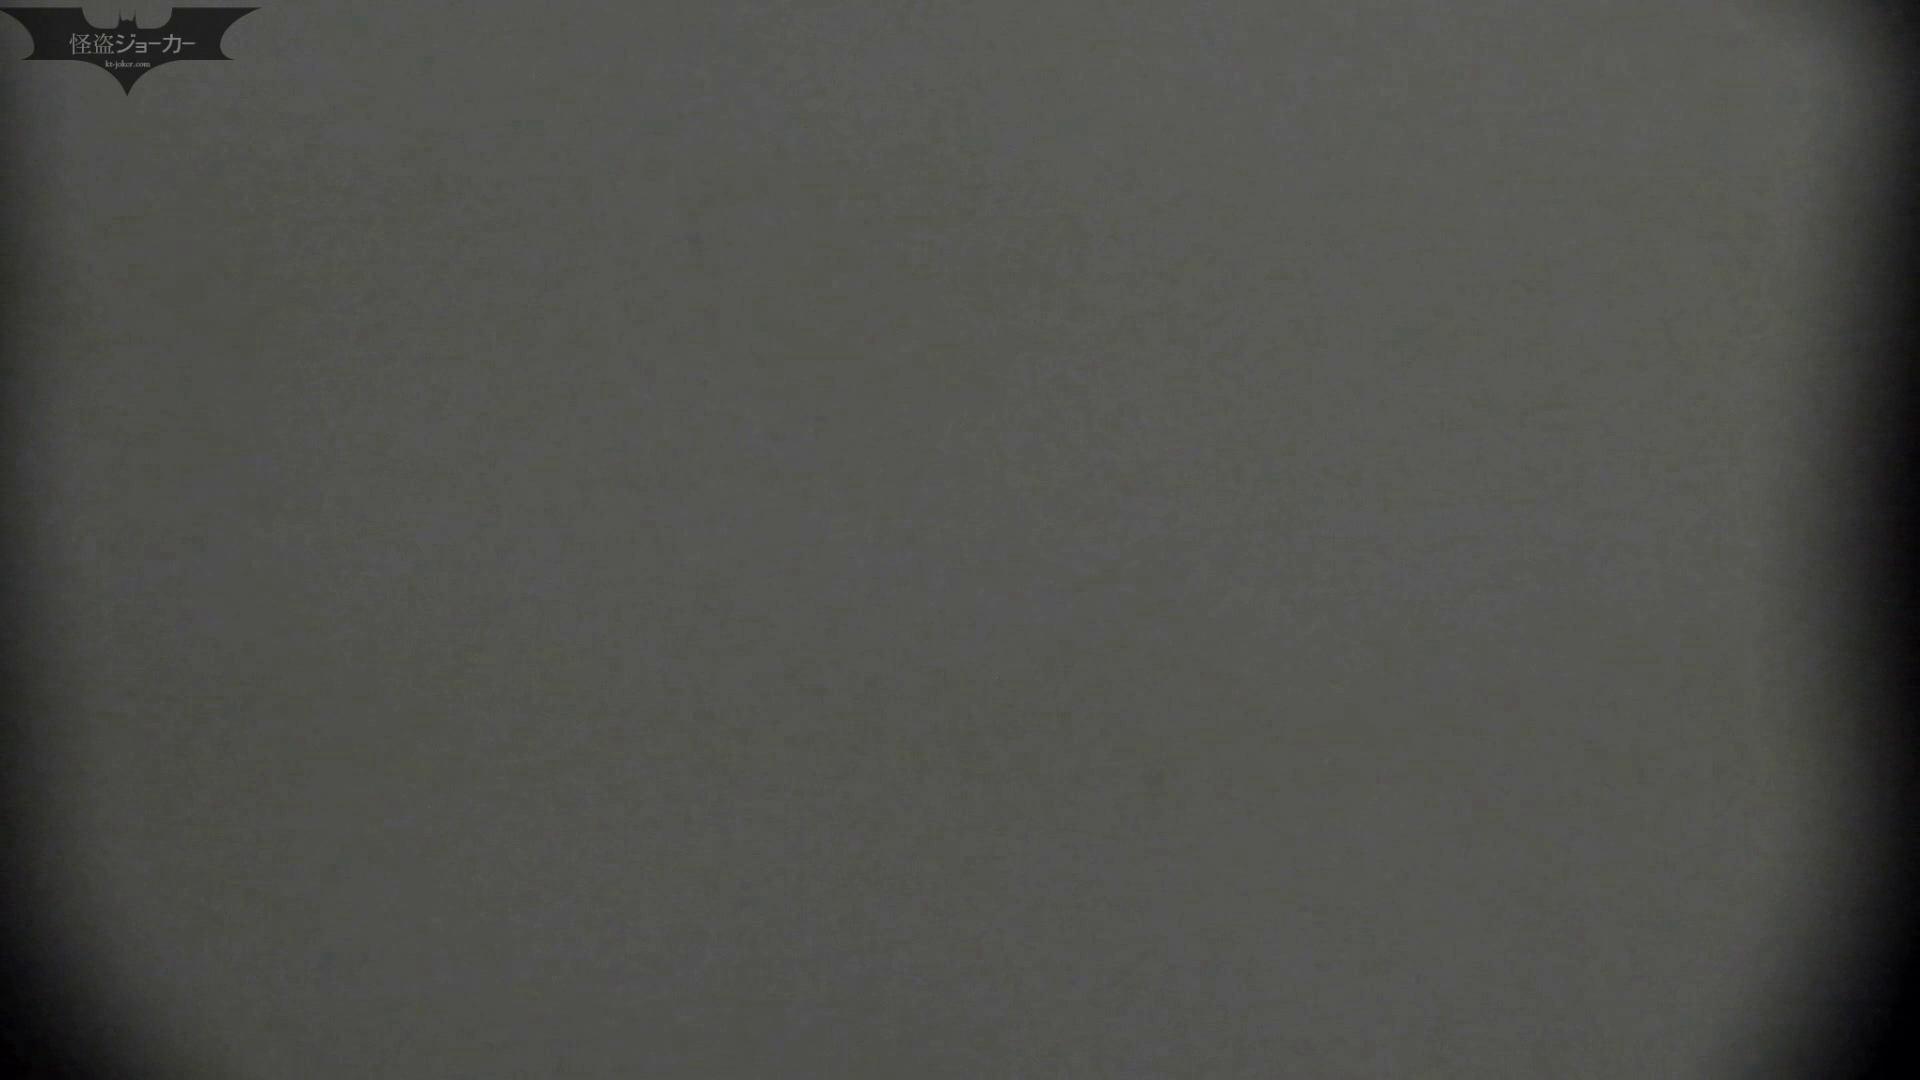 洗面所特攻隊 vol.56 白濁まみれのごっつい一本!!技あり 高画質 オメコ動画キャプチャ 110枚 61